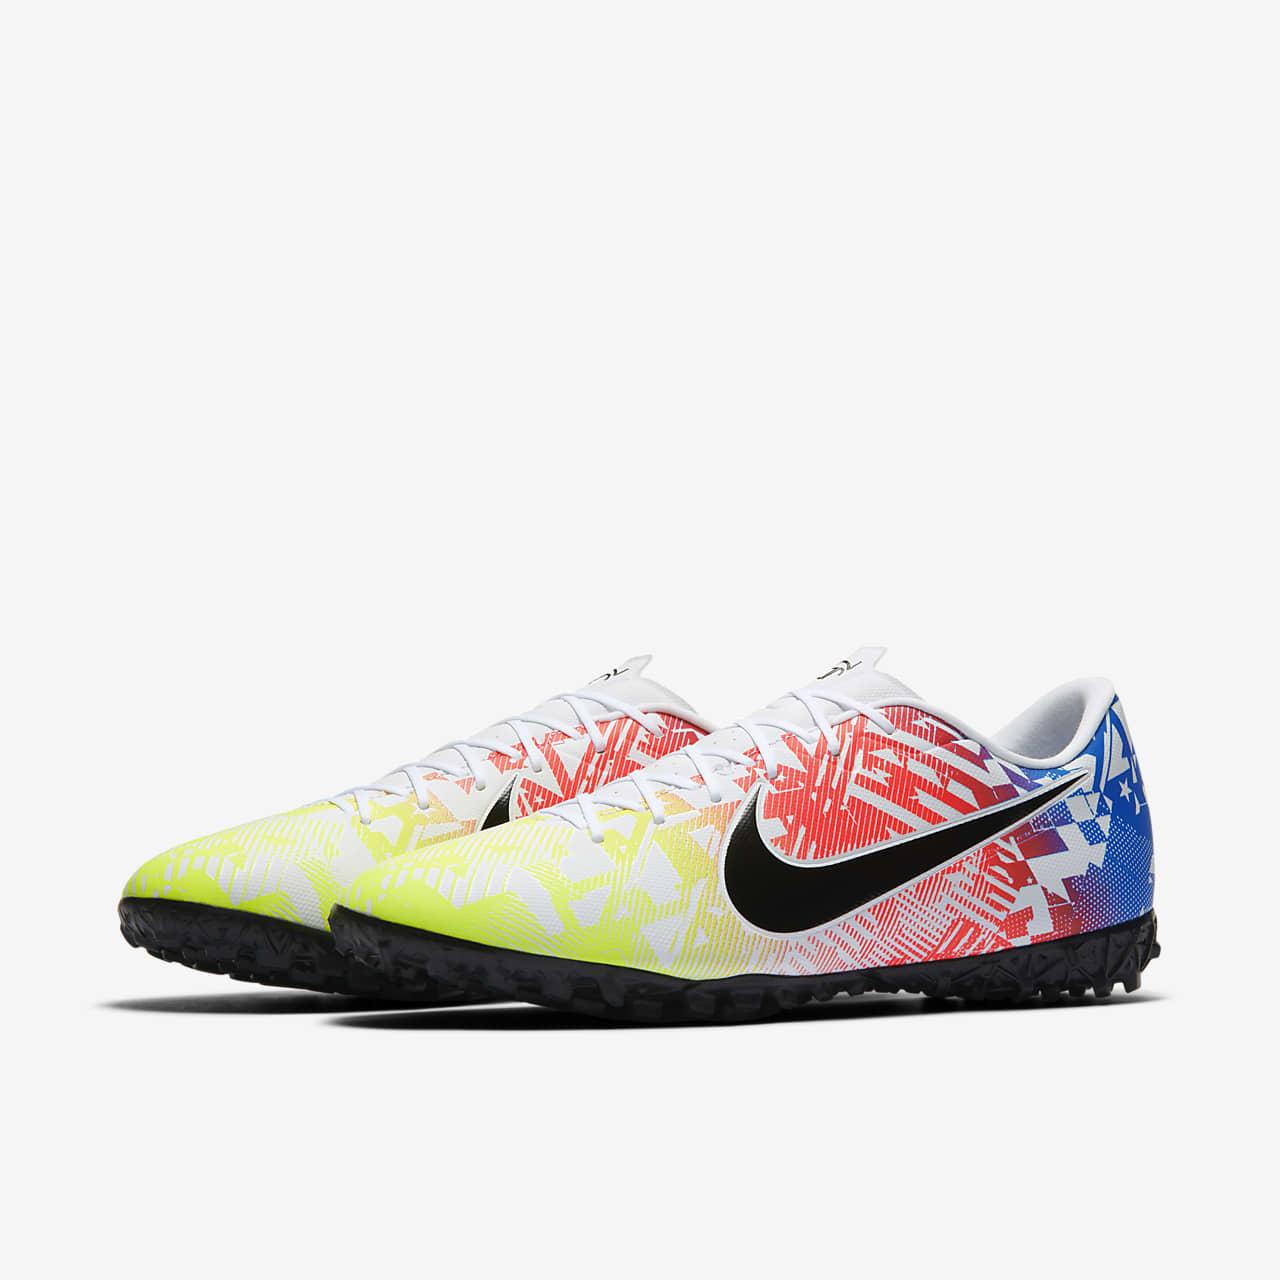 Nike Mercurial Vapor 13 Academy Neymar